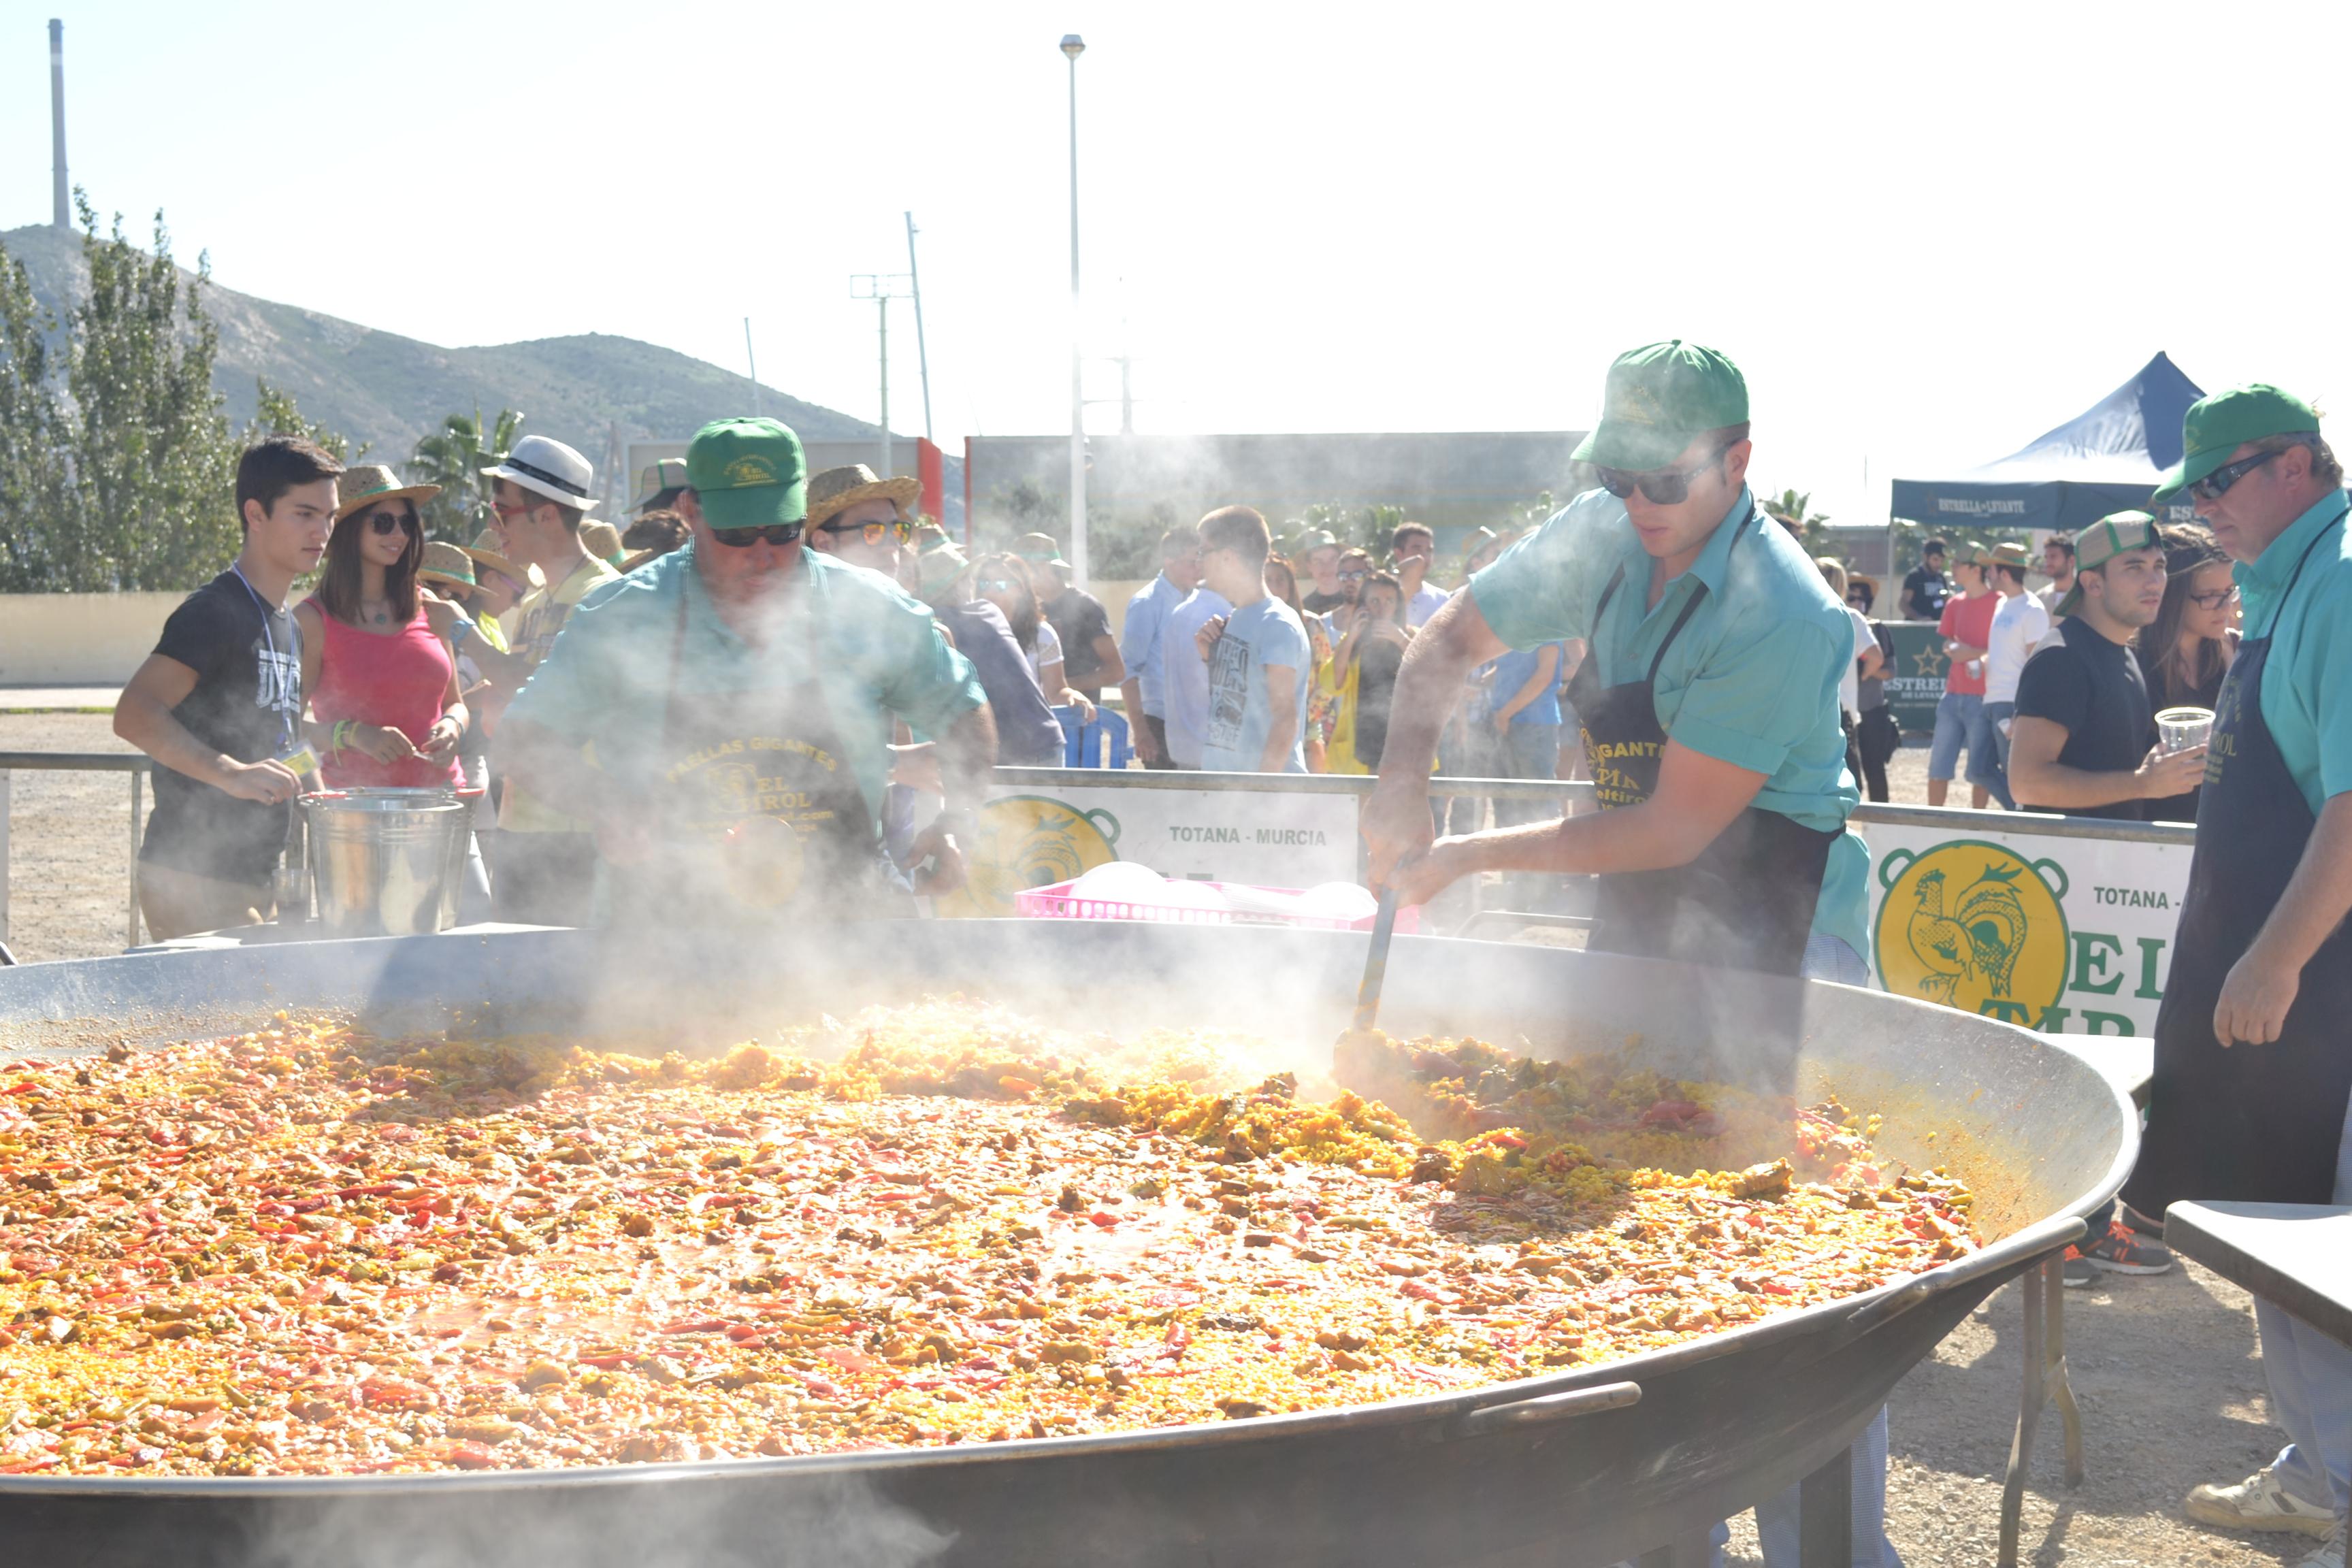 Torneo De 'LOL', Ruta De La Tapa, Fiesta Nocturna Y Paella Gigante En Las Fiestas De Bienvenida De La UPCT